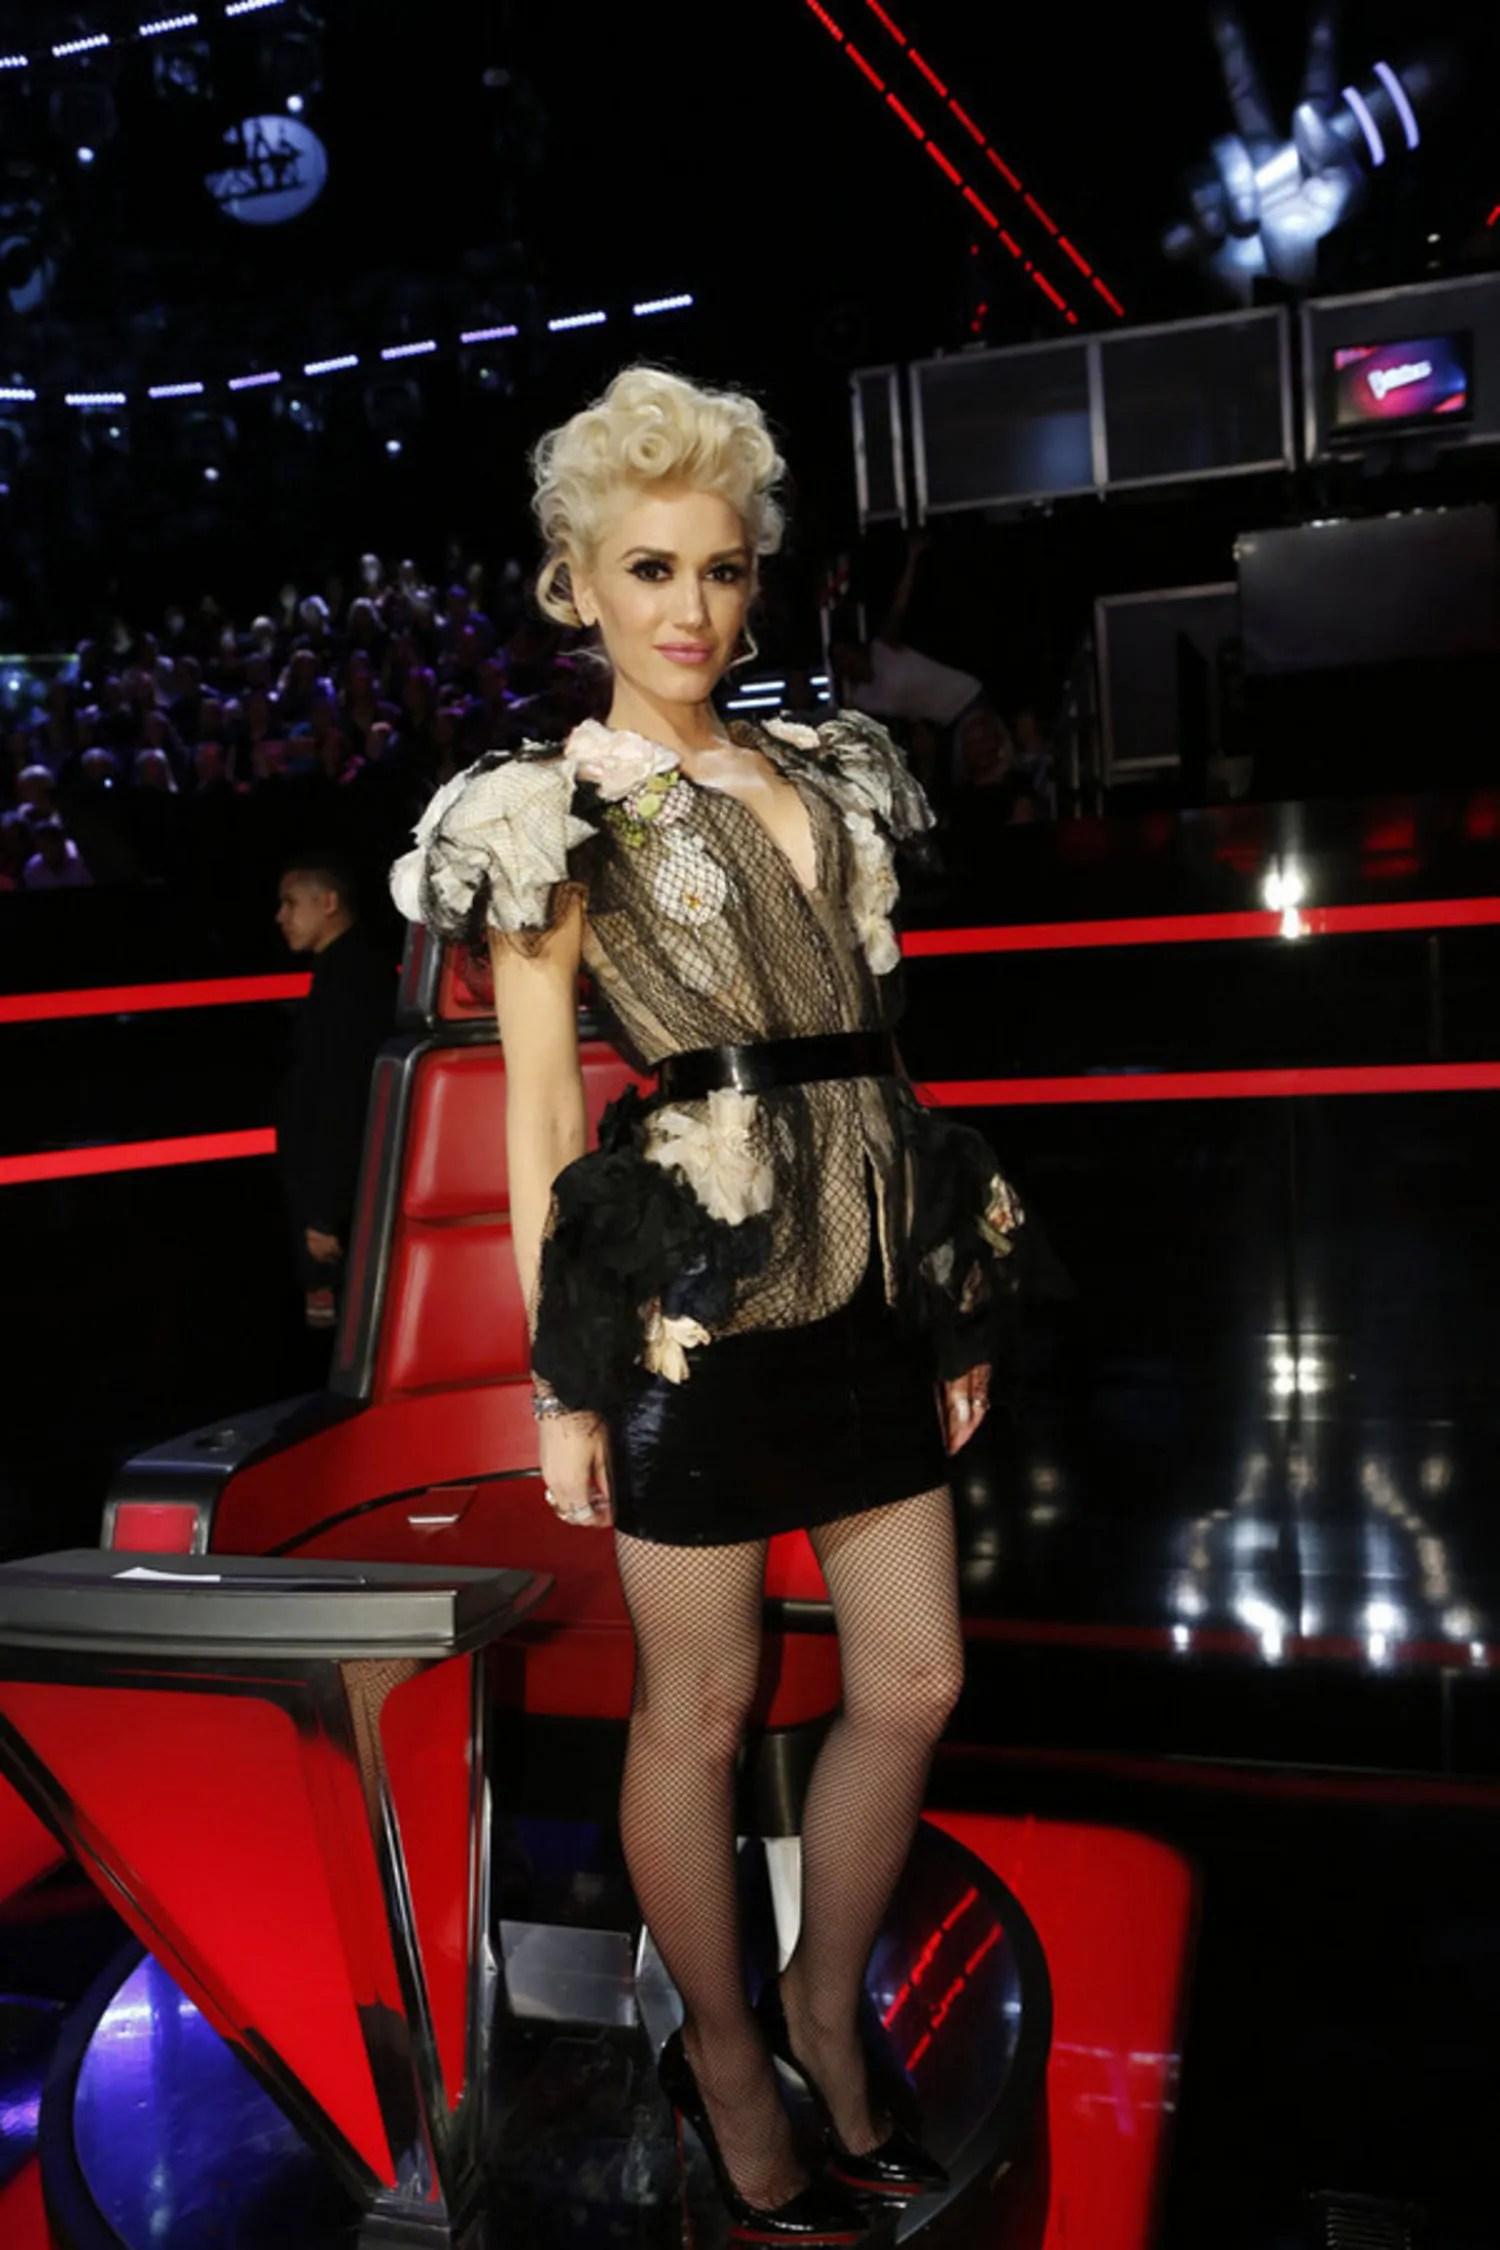 Gwen Stefani Opens Up About Her Split From Gavin Rossdale